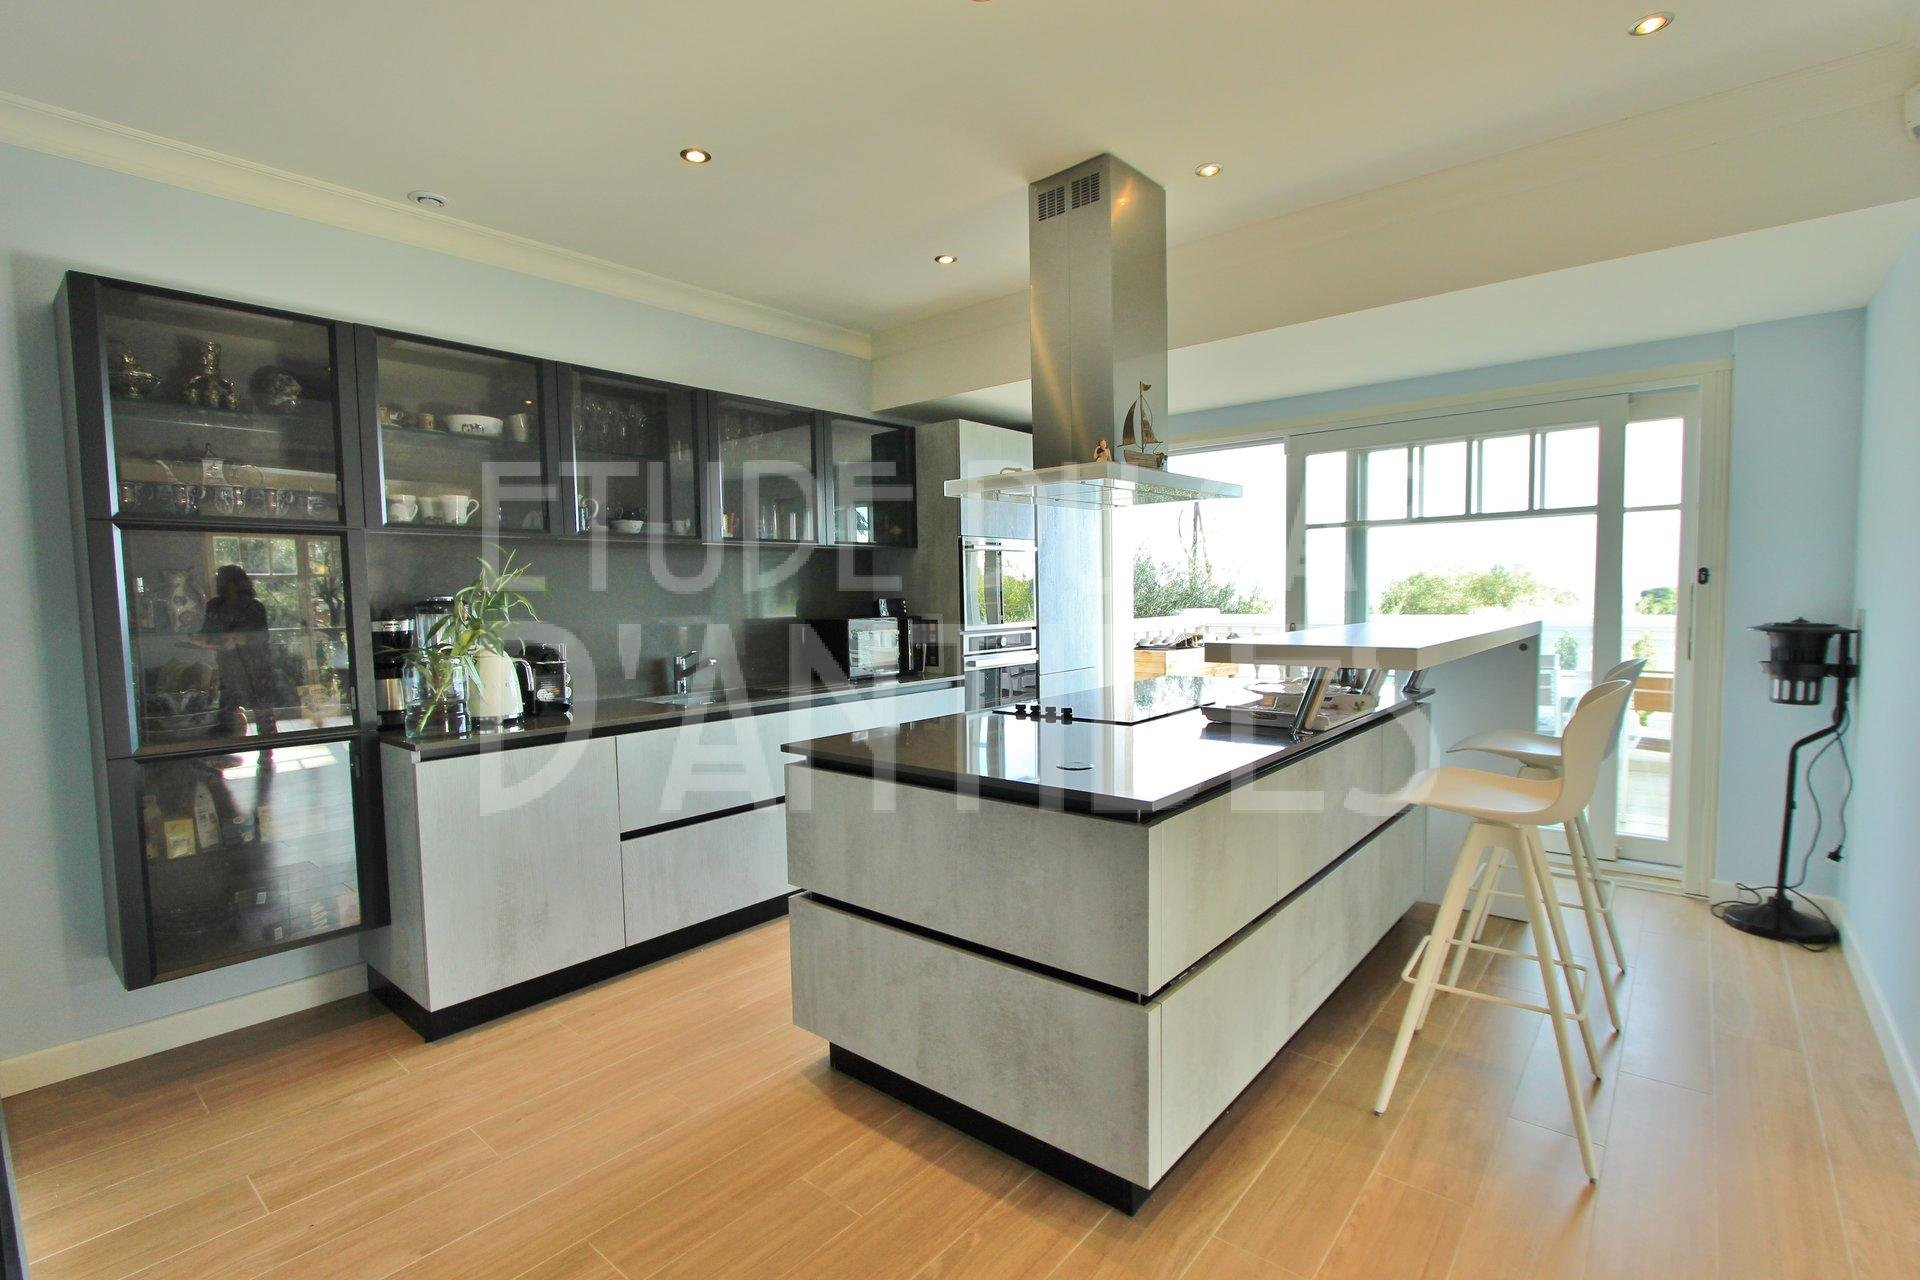 Kitchen island, kitchen bar, stainless steel